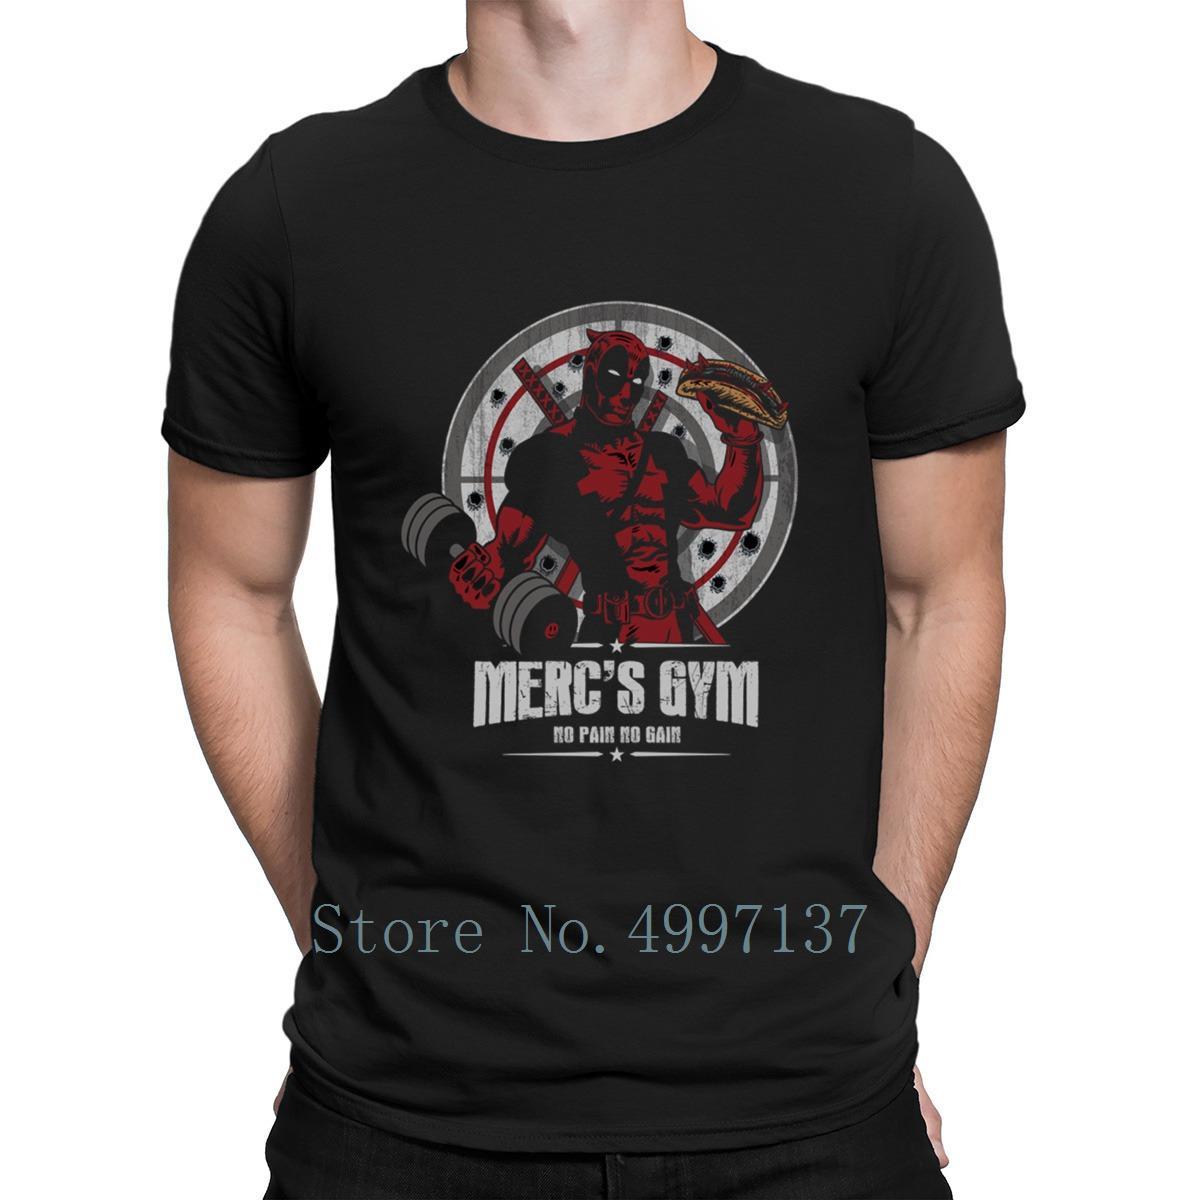 Gym Piscine Faire Mercs Gym T-shirt personnalisé Impressionnant O cou été Intéressant Casual base solide T-shirt Deadpool